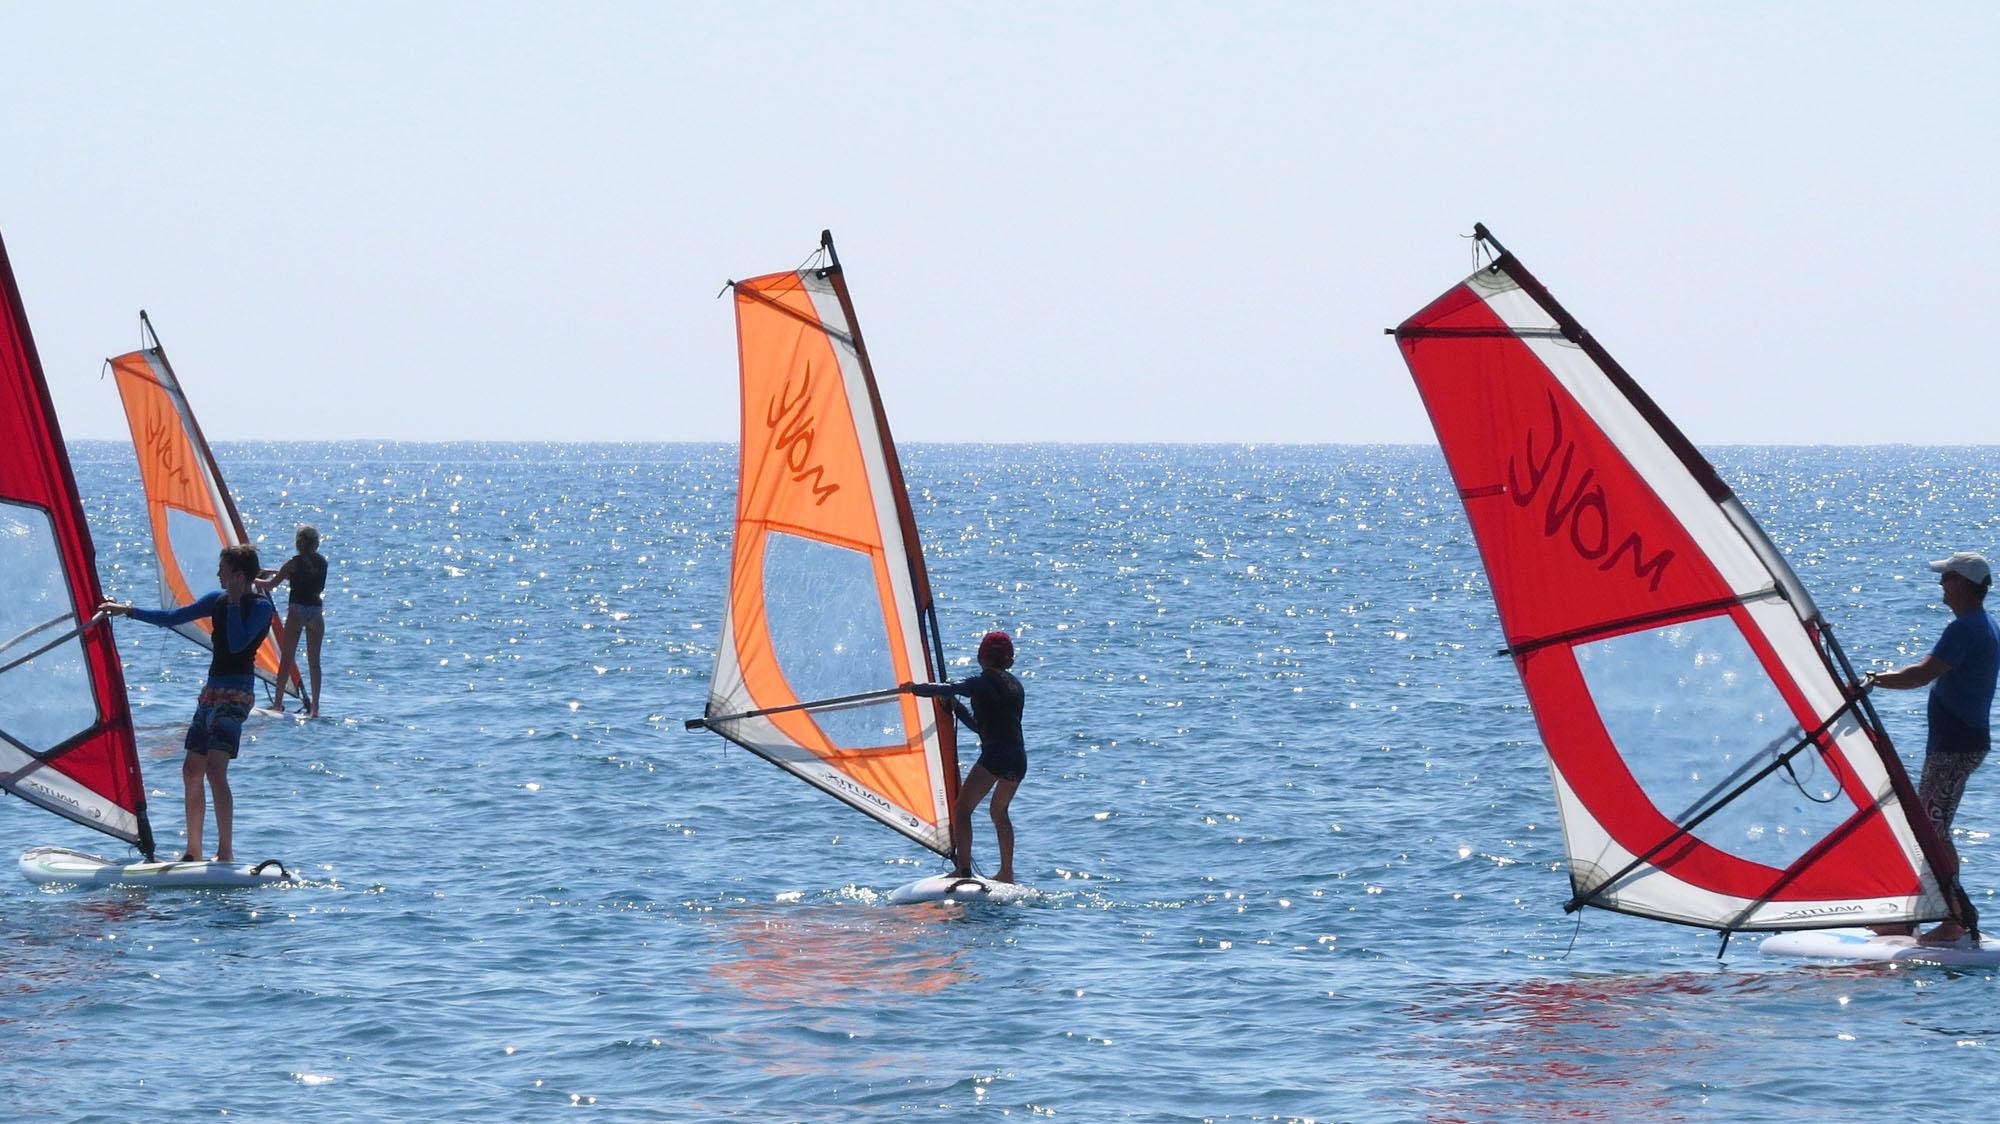 Windsurf, SUP and Catamaran